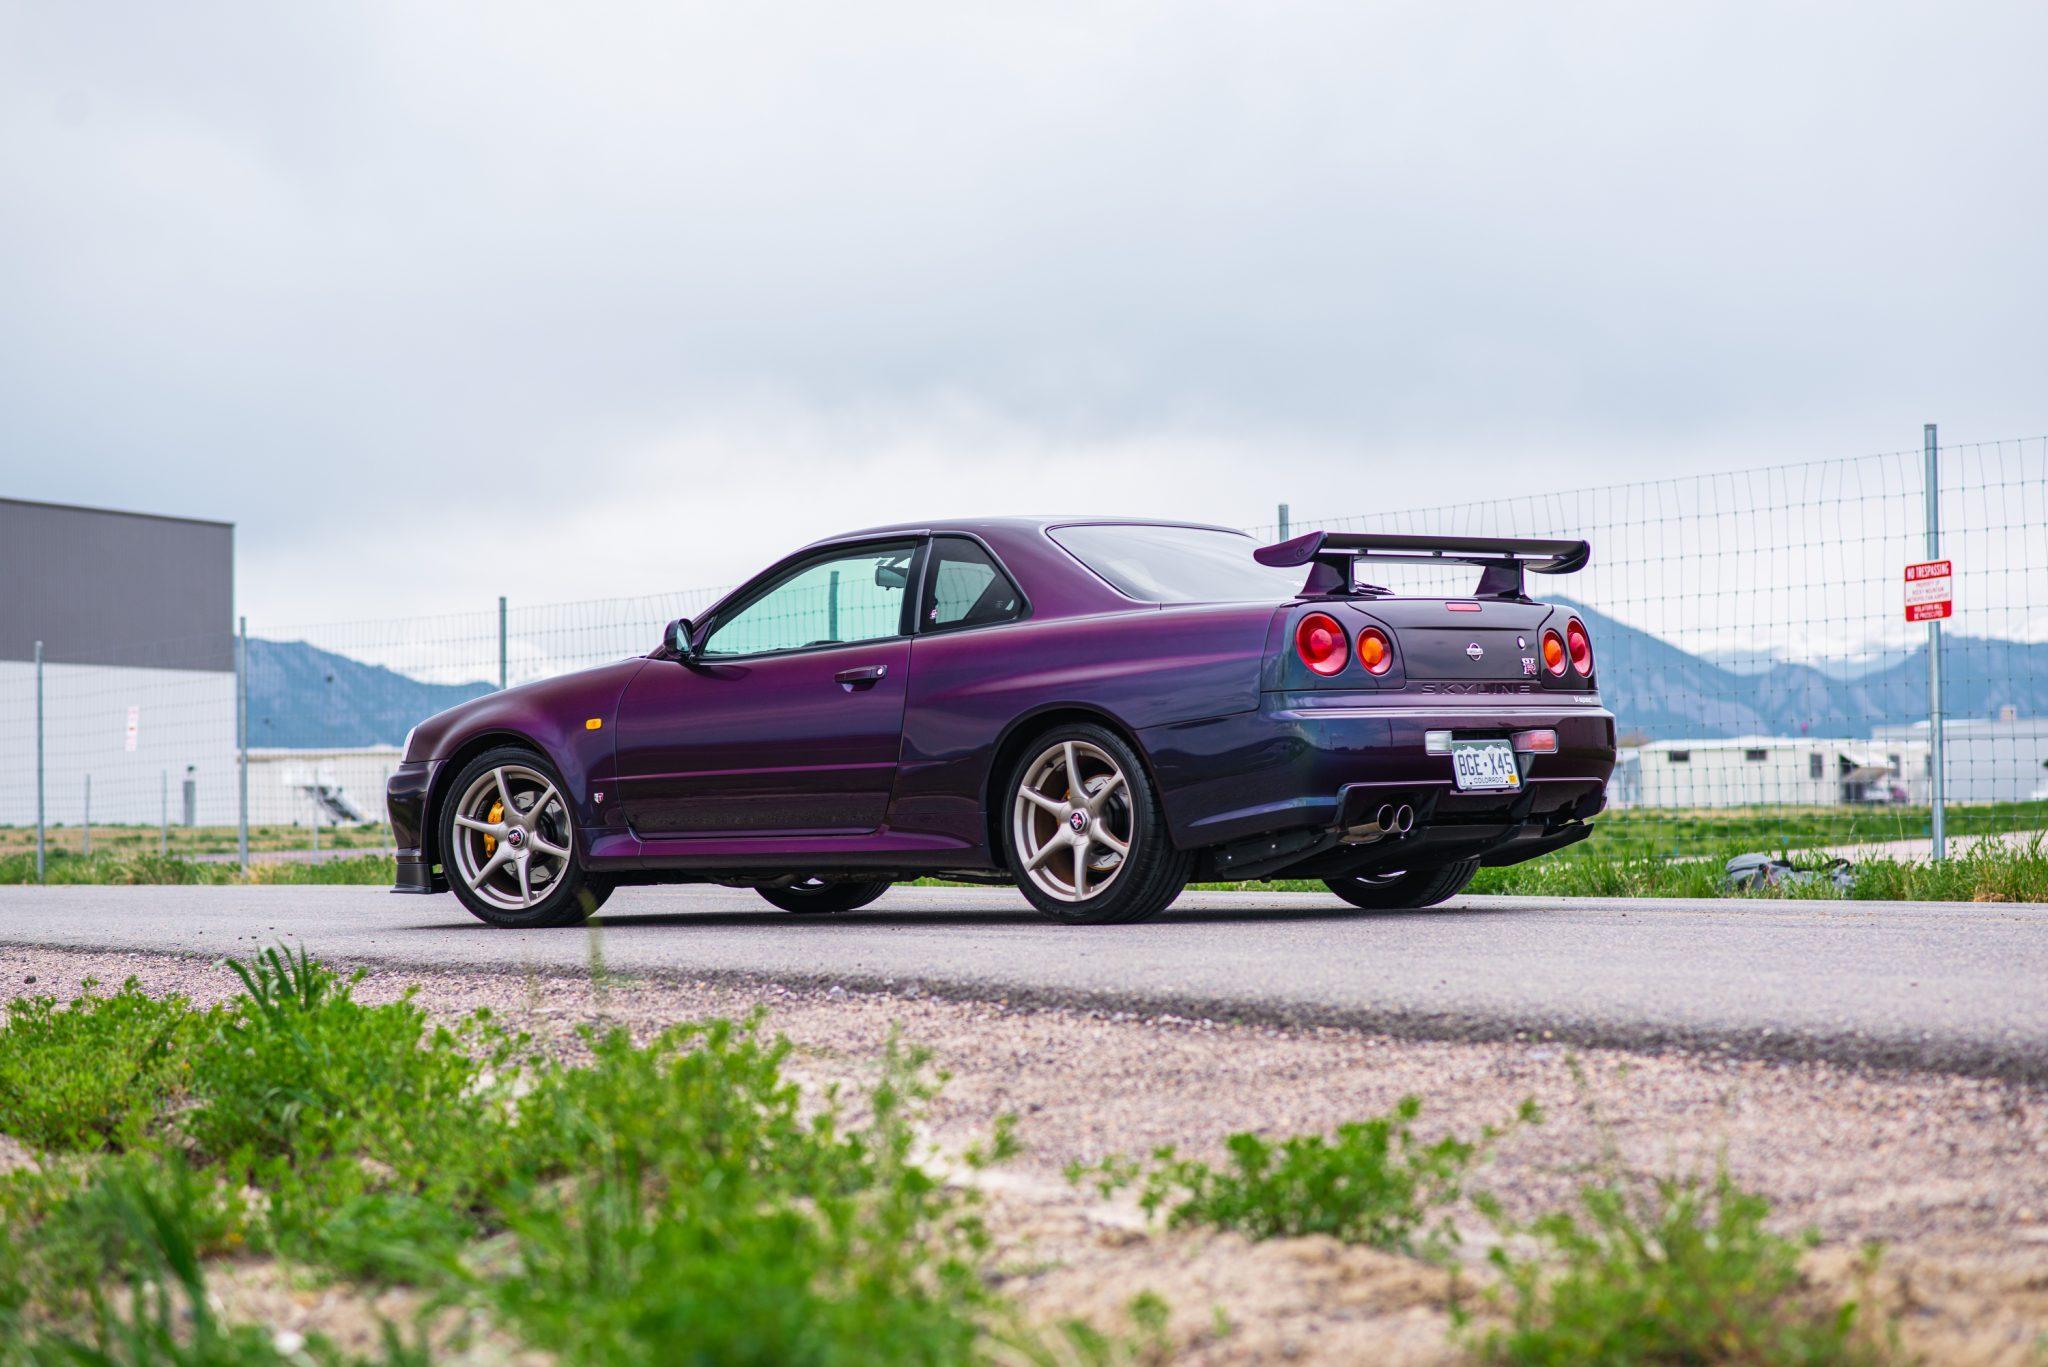 1999 Nissan Skyline GT-R V-Spec rear three-quarter